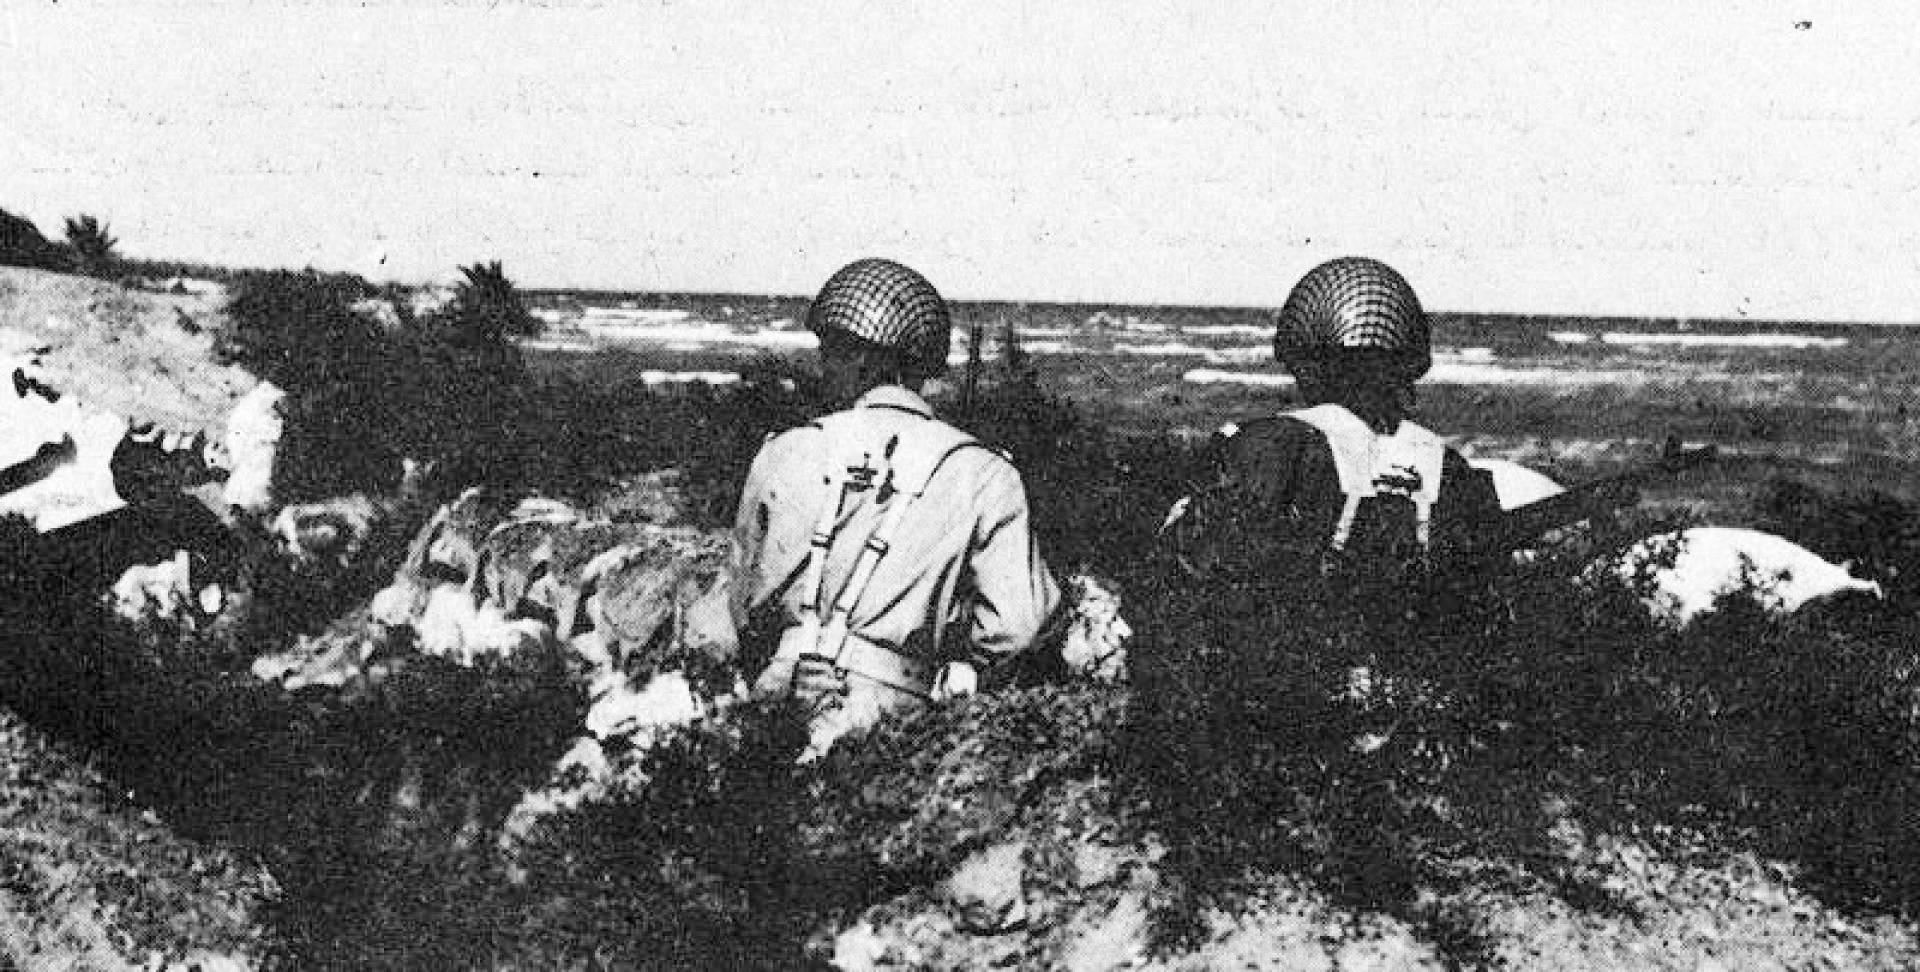 جنديان كويتيان يراقبان العدو الصهيوني عبر قناة السويس.. أرشيفية